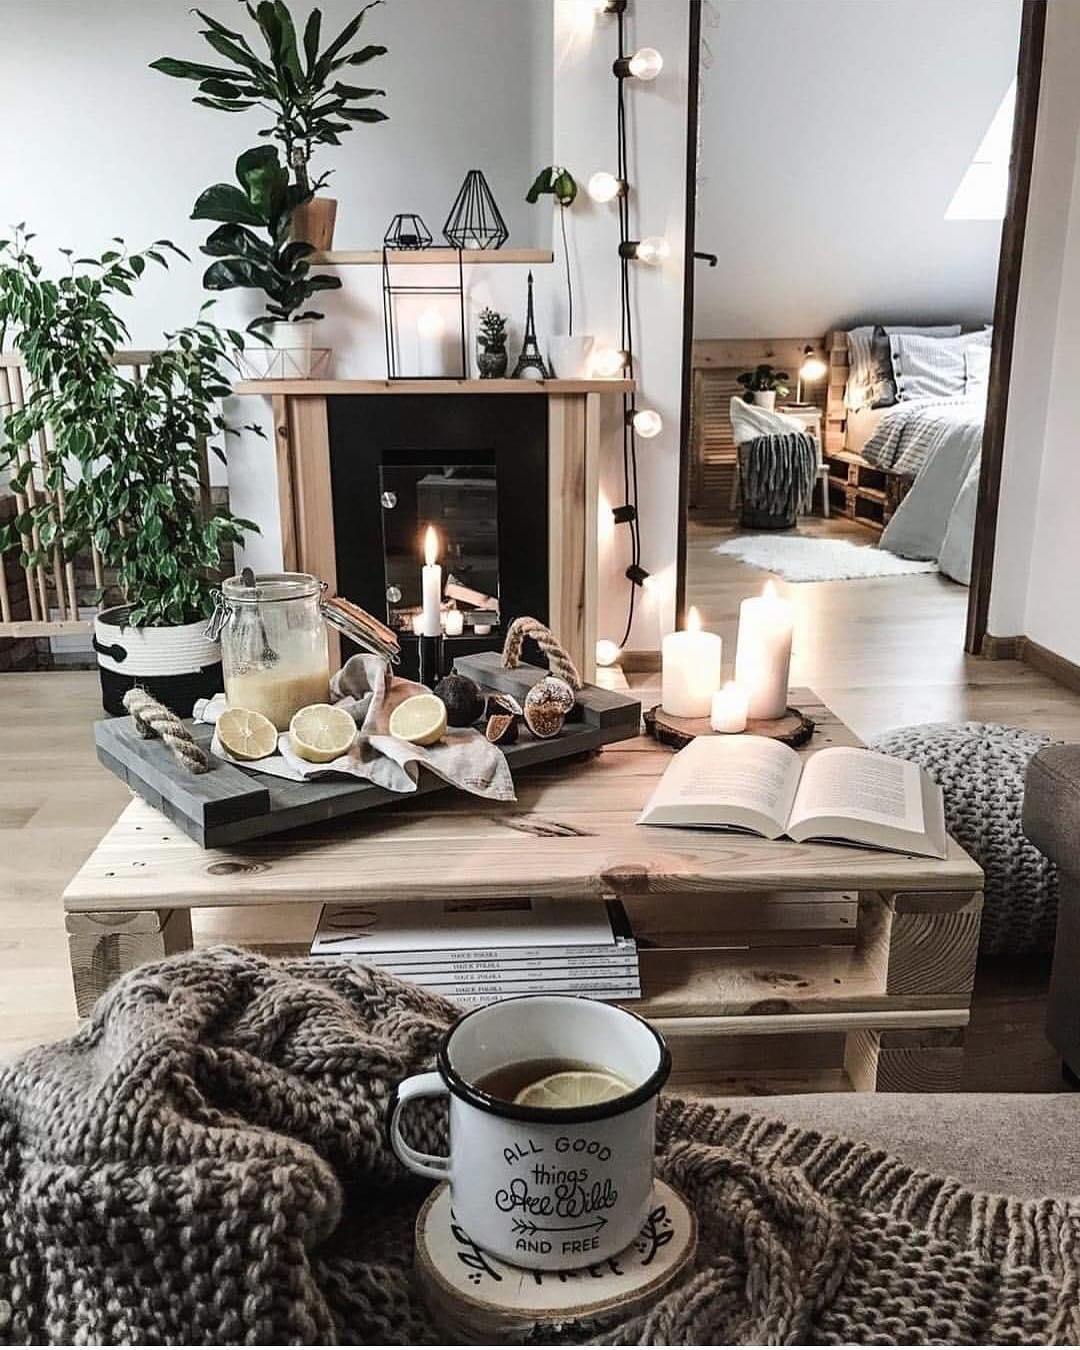 56 Best Modern Living Room Design Ideas For 2019 Homedecor Livingroom Zen Living Rooms Interior Design Living Room Warm Living Room Design Modern Living room ideas zen